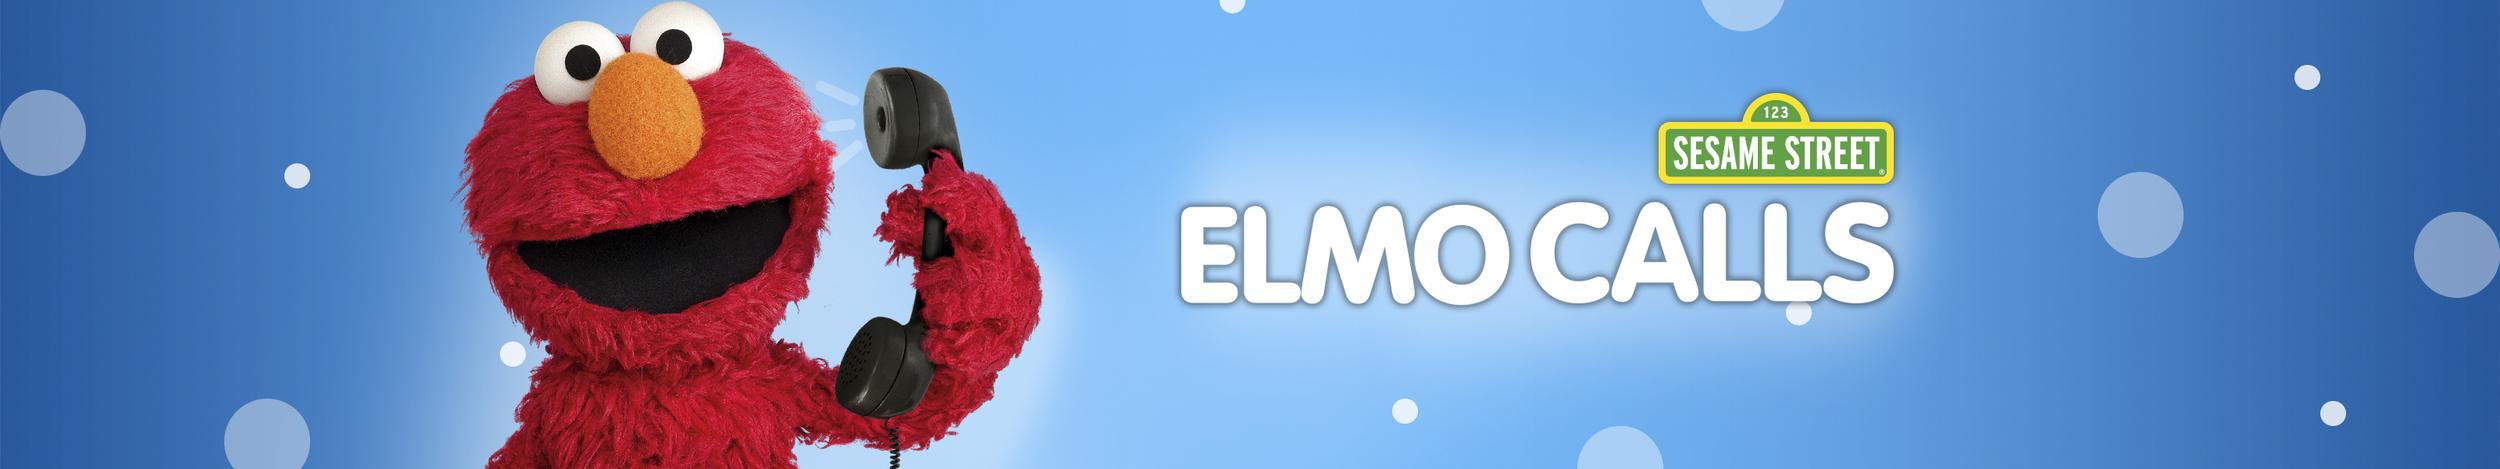 ElmoCallsBanner.jpg